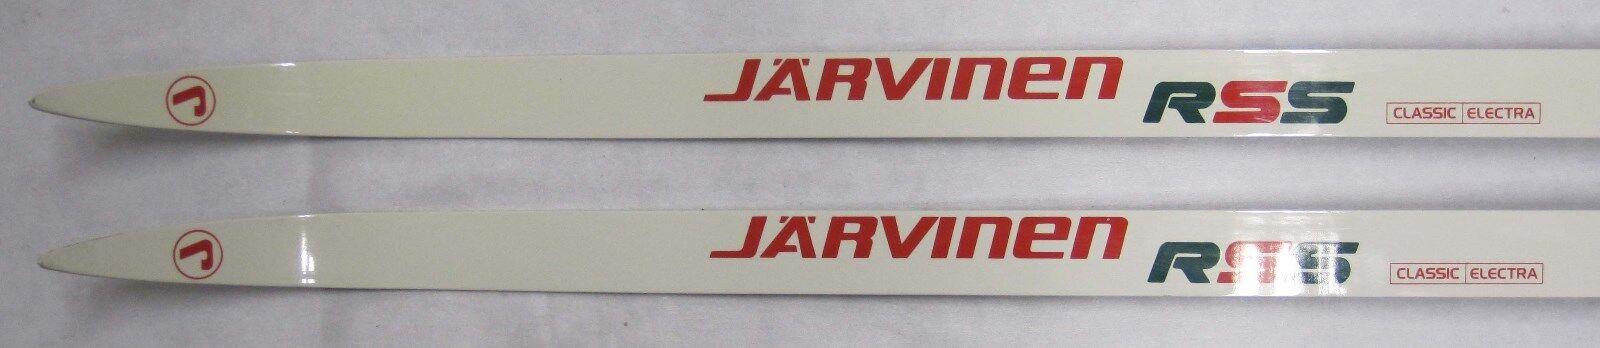 Nueva Jarvinen RSS clásico Electra Racing XC snowboard-200 cm